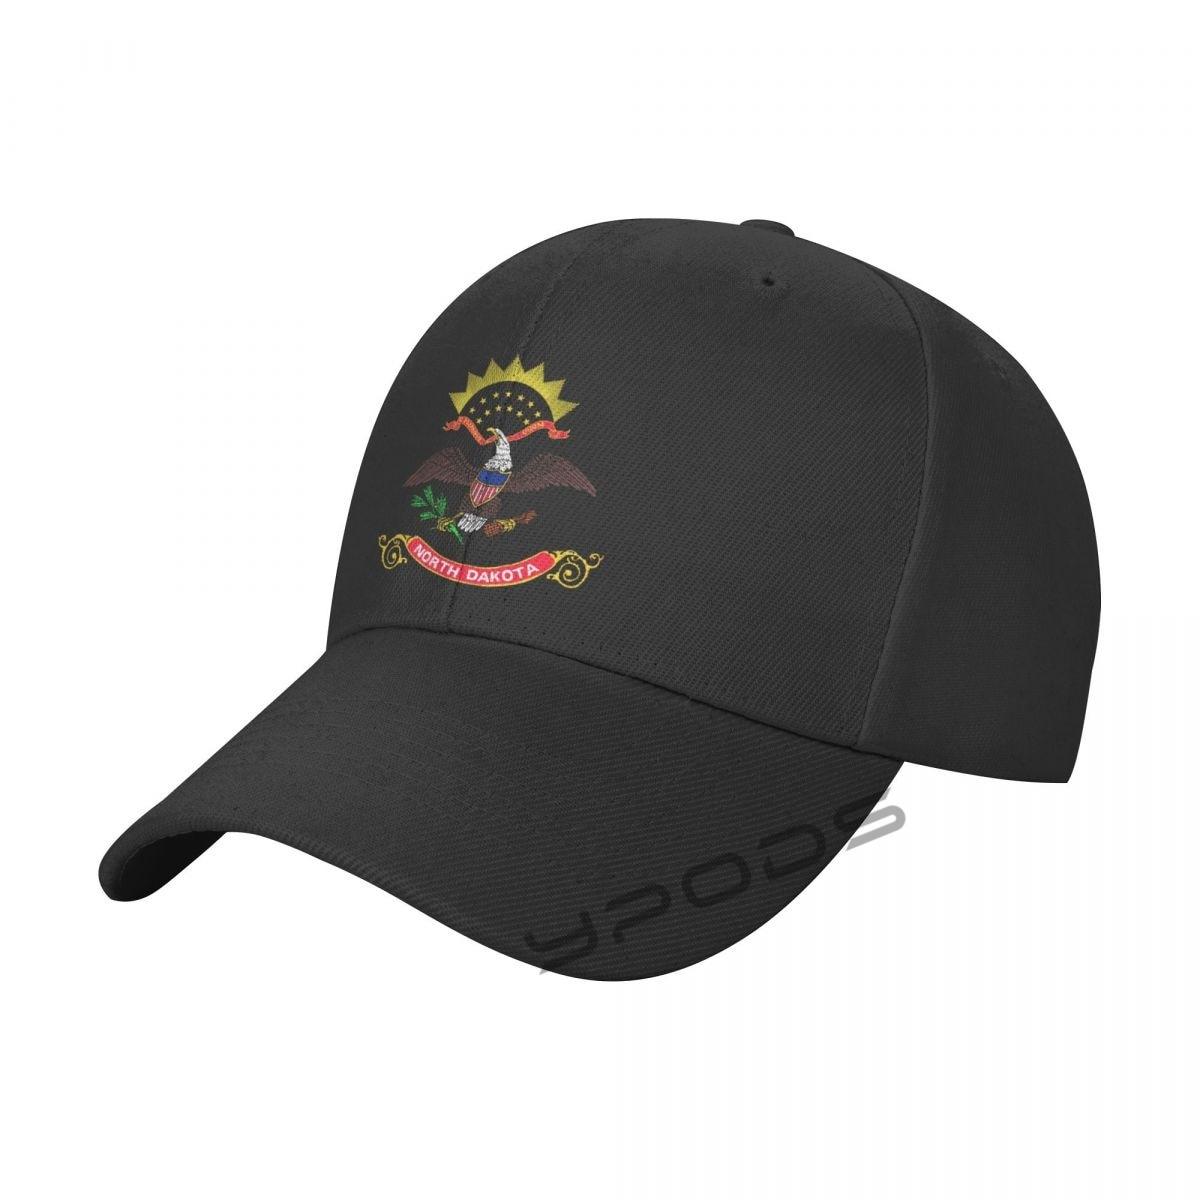 Новинка, бейсболка с флагом штата Северной Дакоты, кепка для мужчин и женщин, мужская Кепка, Снэпбэк Кепка, повседневная Кепка, кепки